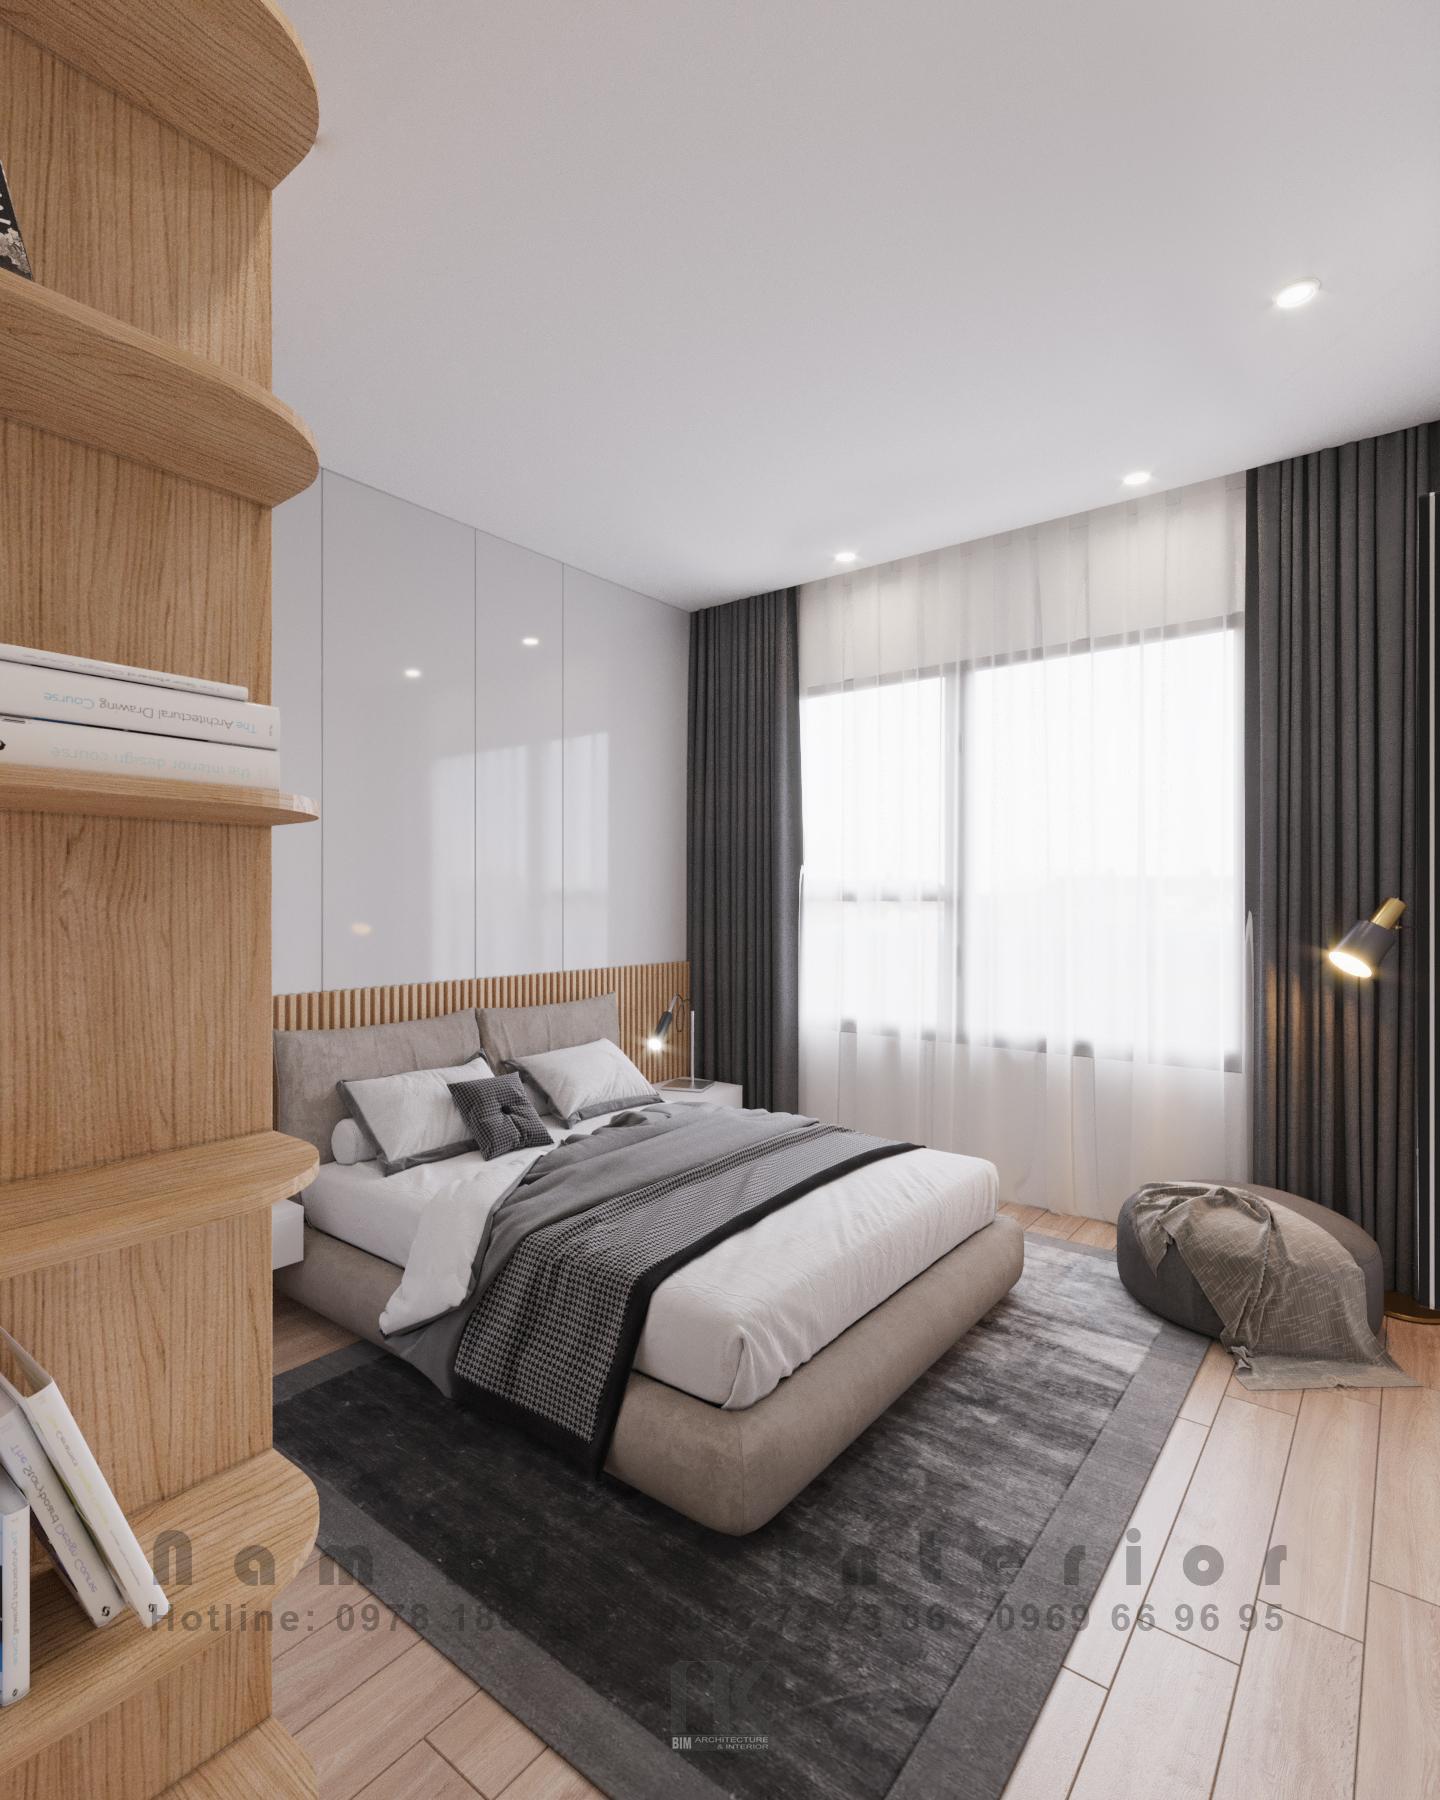 Thiết kế nội thất Chung Cư tại Hà Nội Căn hộ 2PN tại chung cư Vinhomes Smart City 1590635777 7